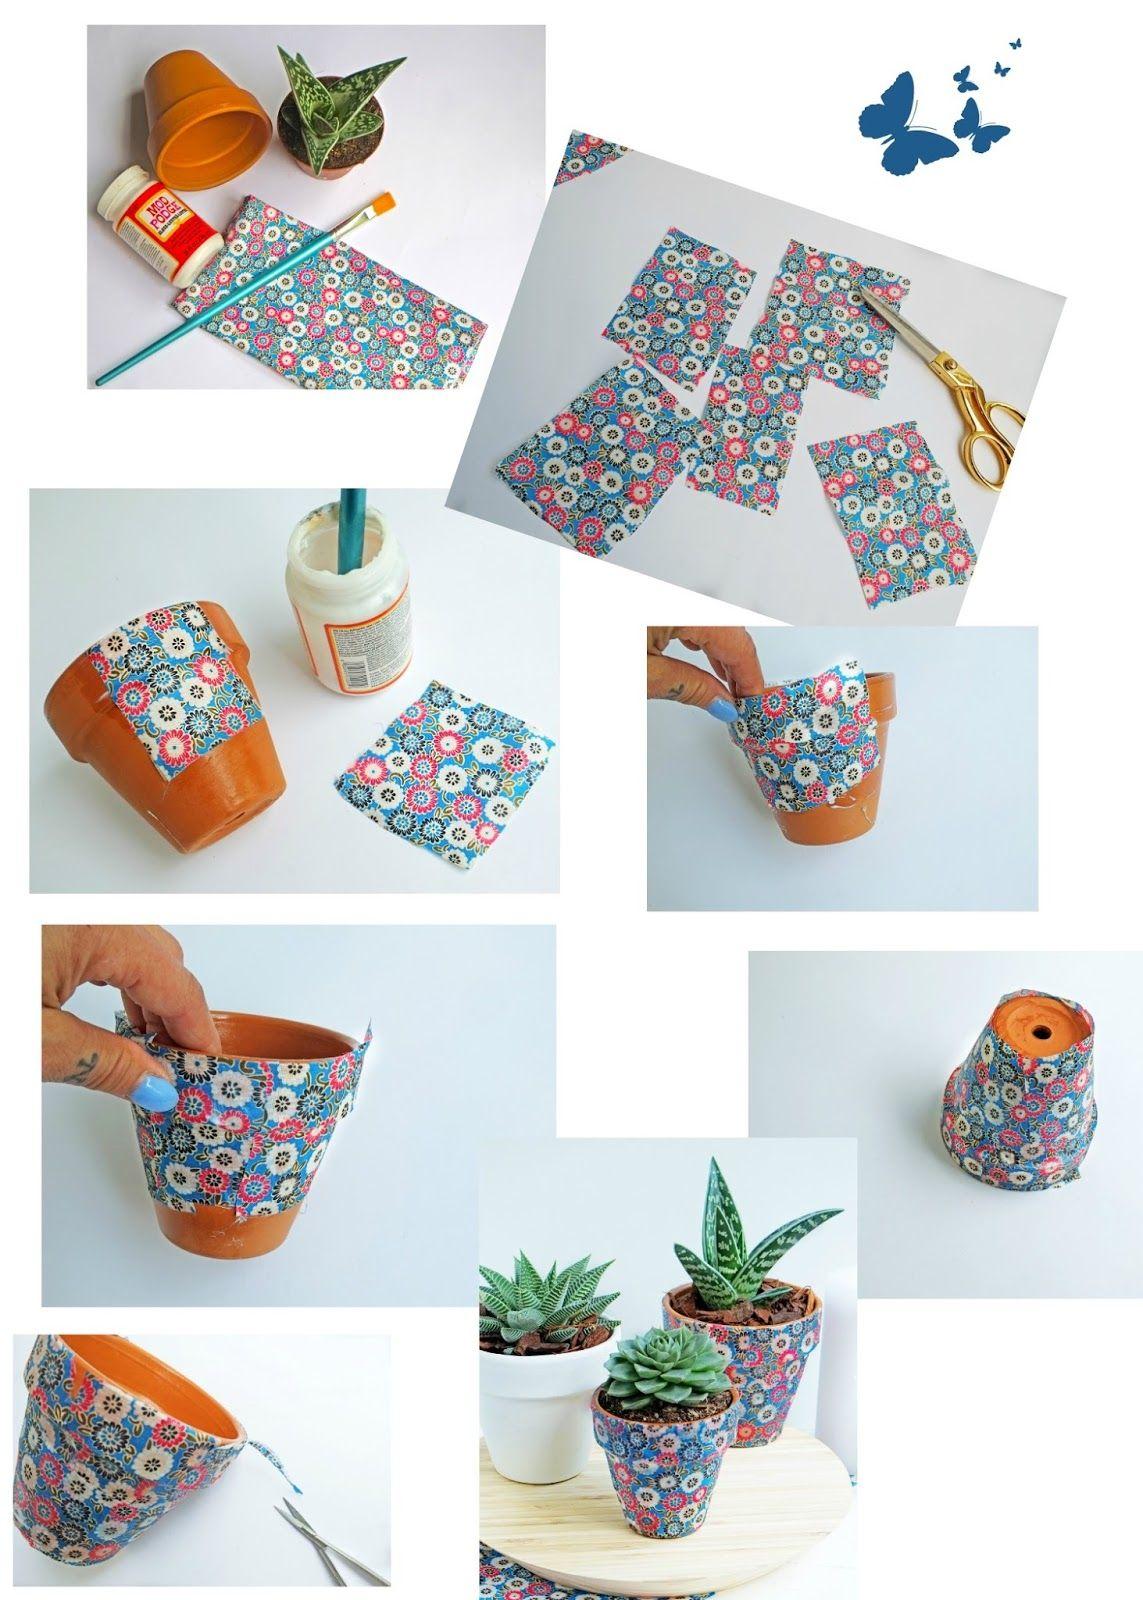 Vrolijke bloempotten met stof diy decoratie mod podge soms heb je restjes katoen waarvan je - Versieren van een smalle gang ...